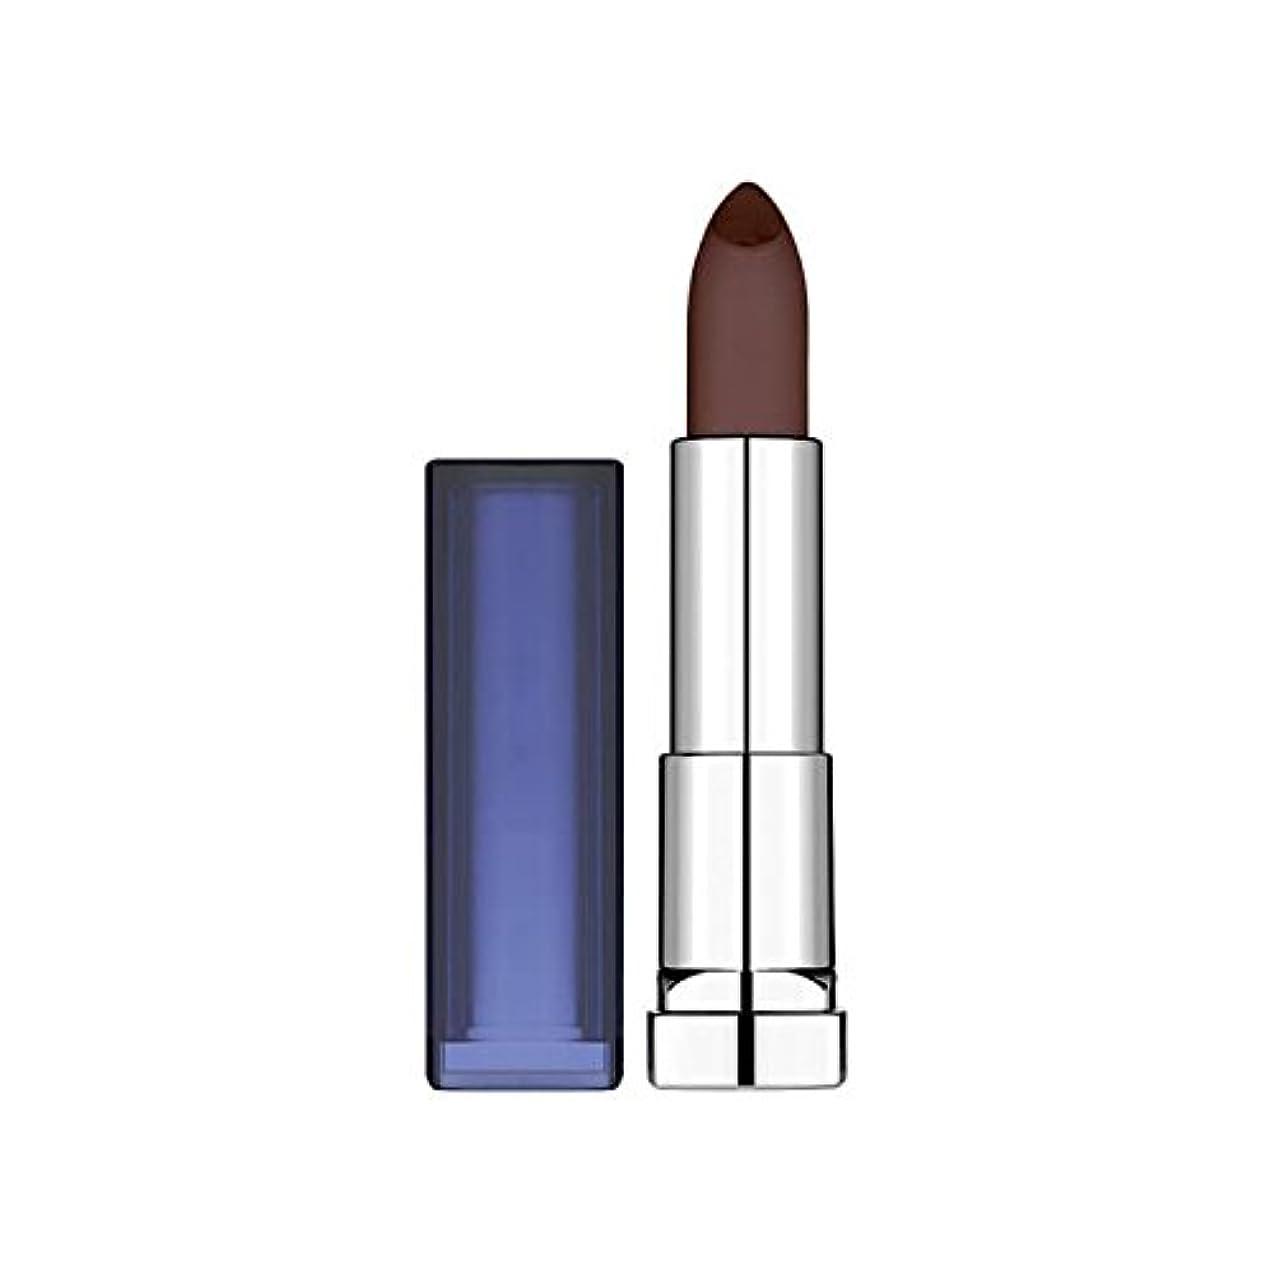 結婚式肥満資本主義Color Sensational Loaded Bold Midnight Merlot (Pack of 6) - カラーセンセーショナルなロードされた大胆な真夜中のメルロー x6 [並行輸入品]